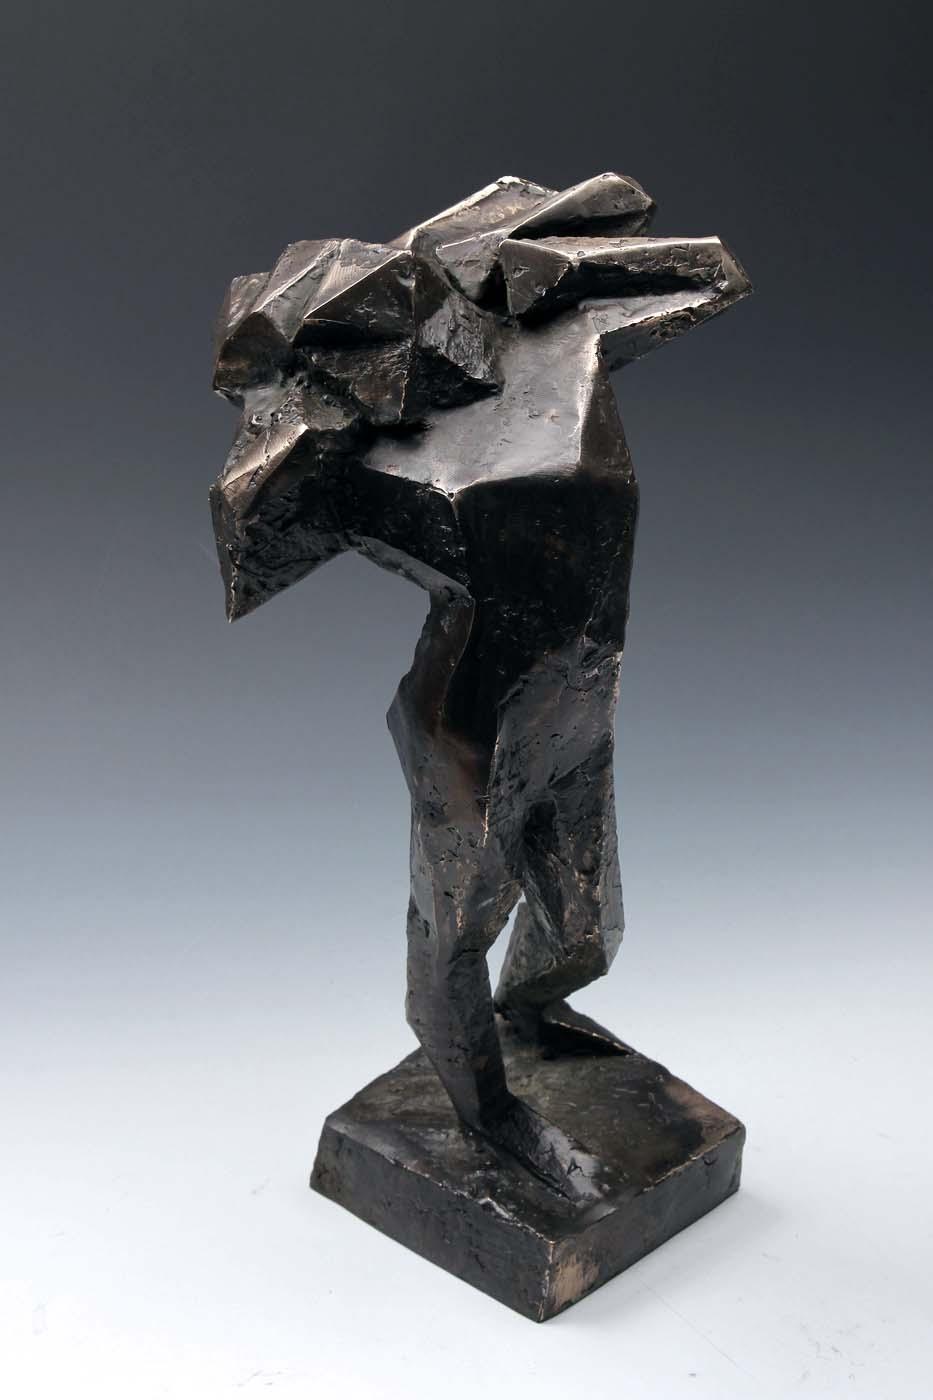 Paweł Orłowski, Postać futurystyczna, odlew z brązu, granit, 45 x 20 cm